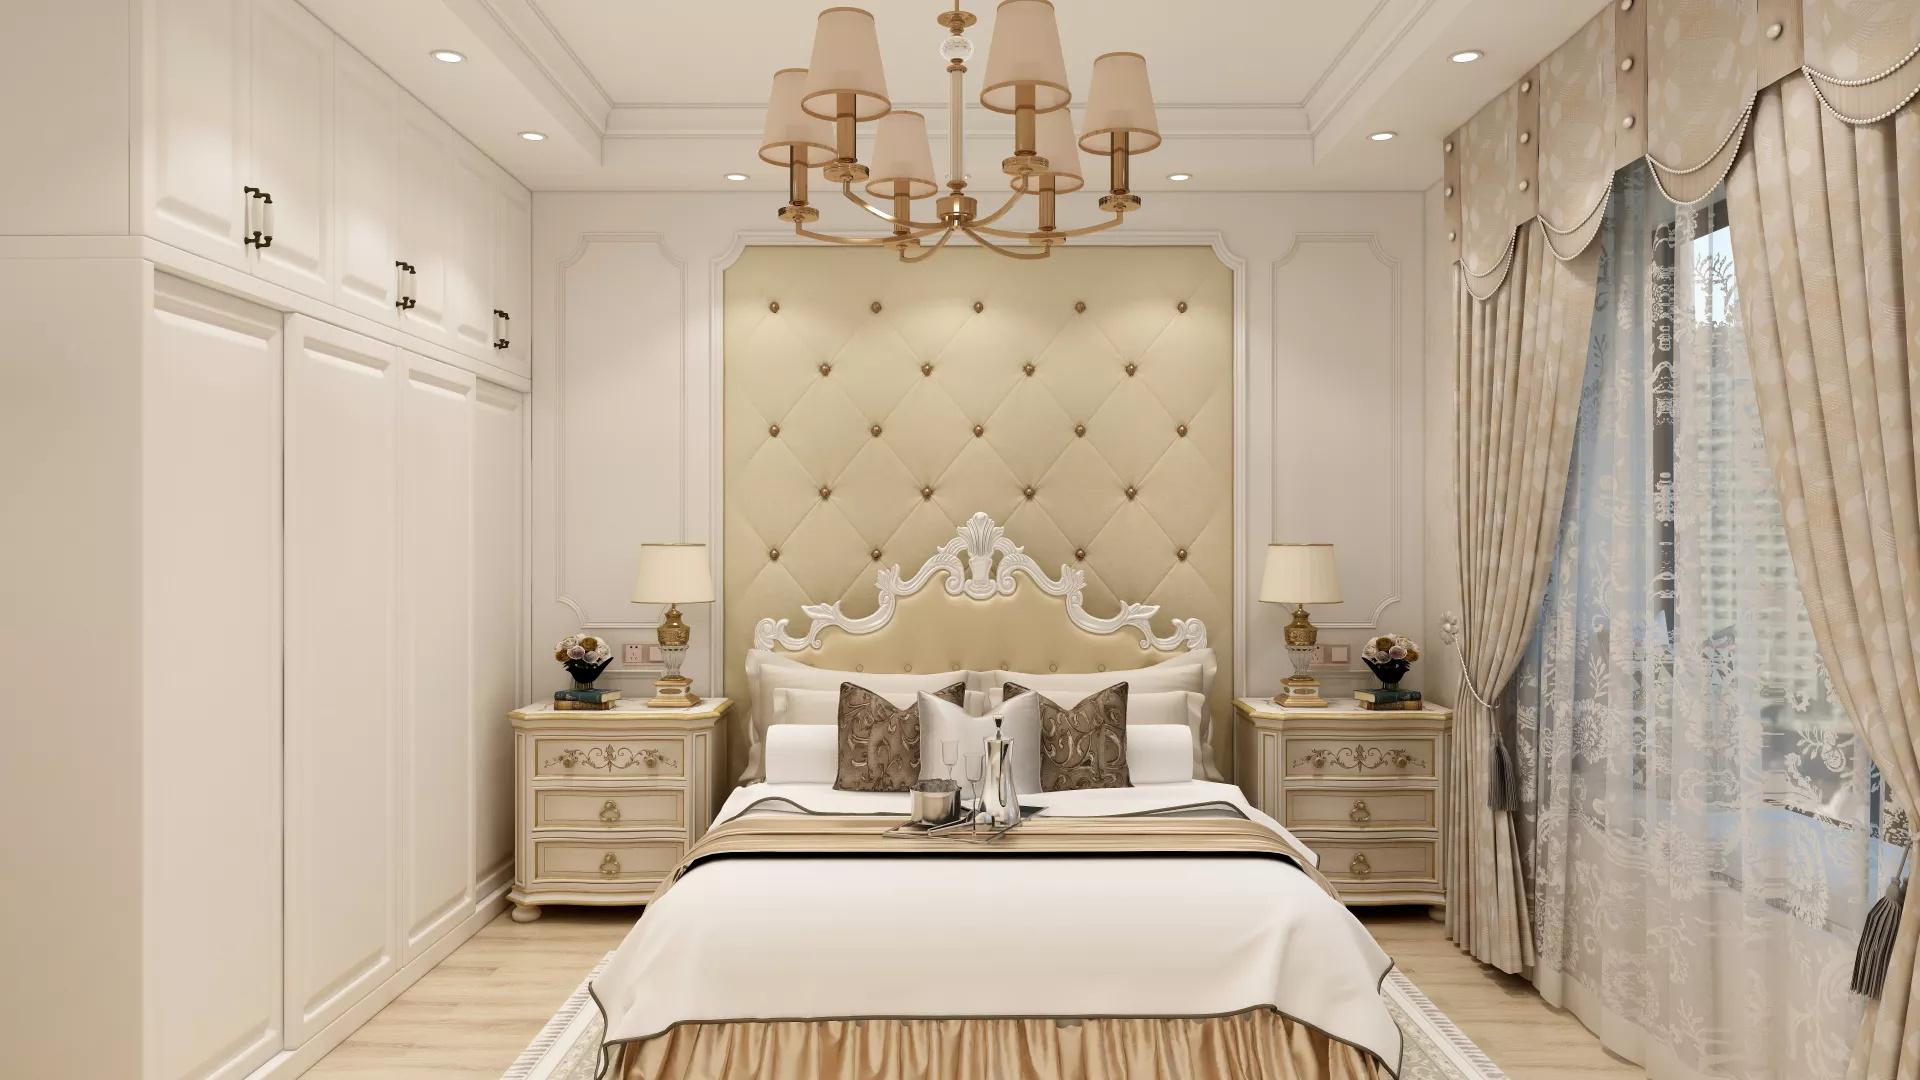 三居室美式风格装修设计效果图